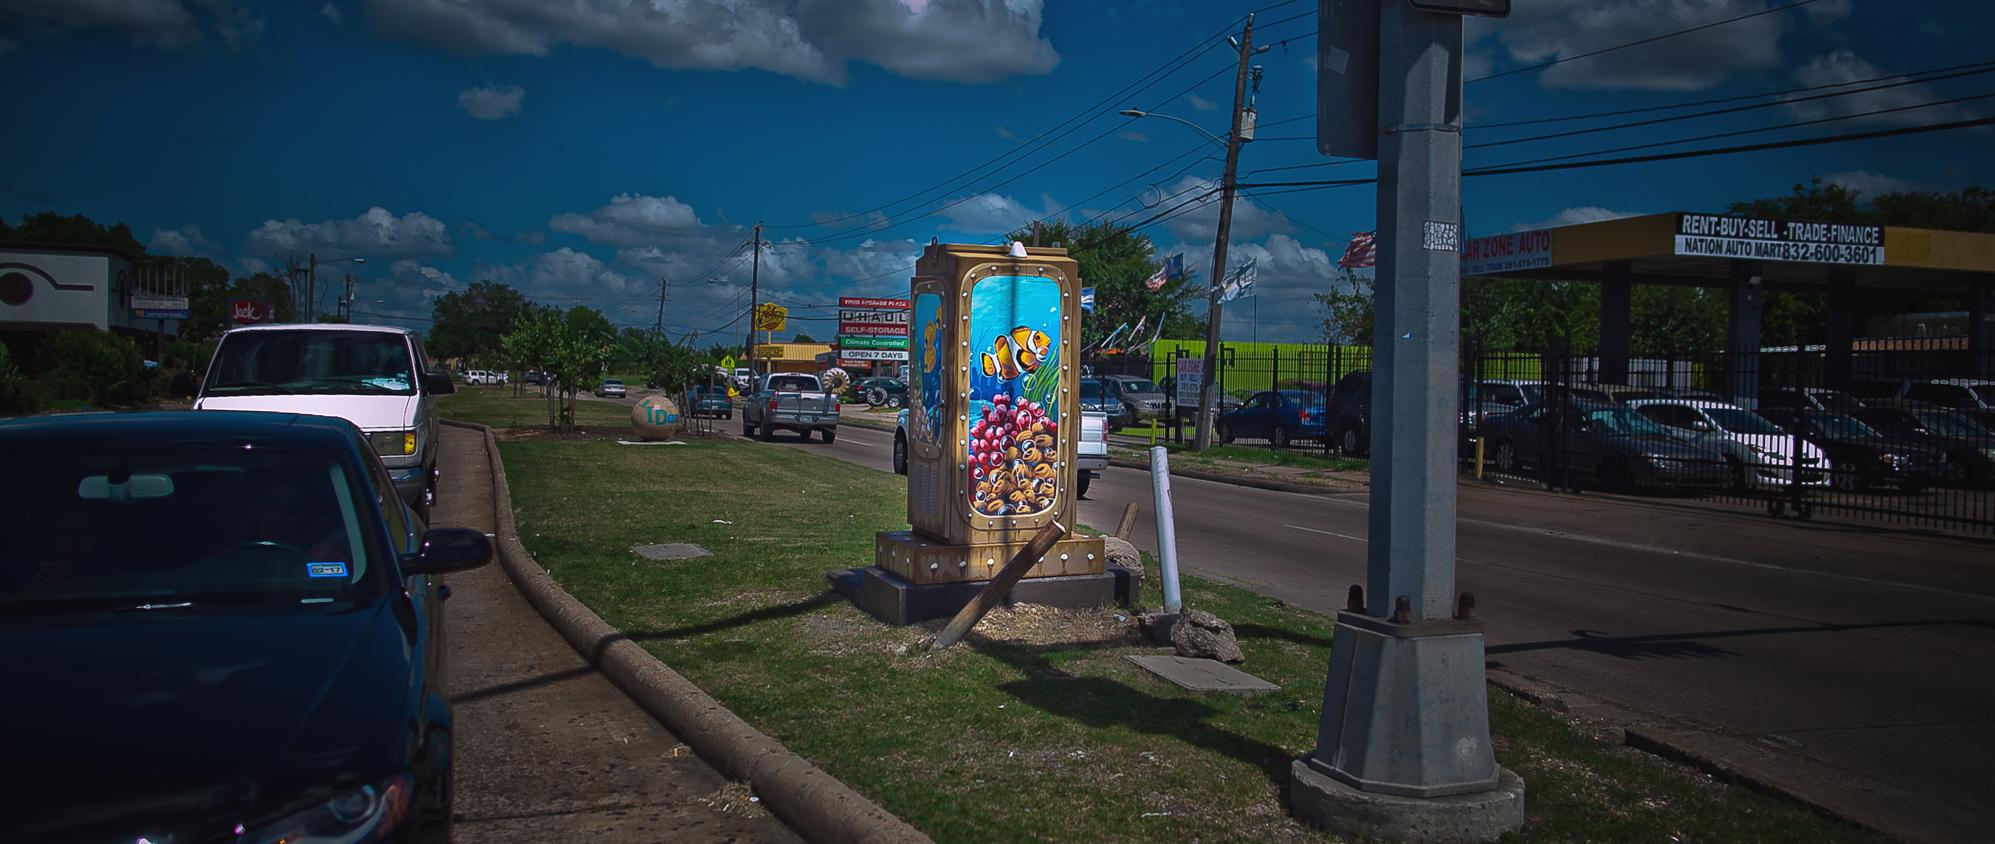 mini-murals-cover.jpg